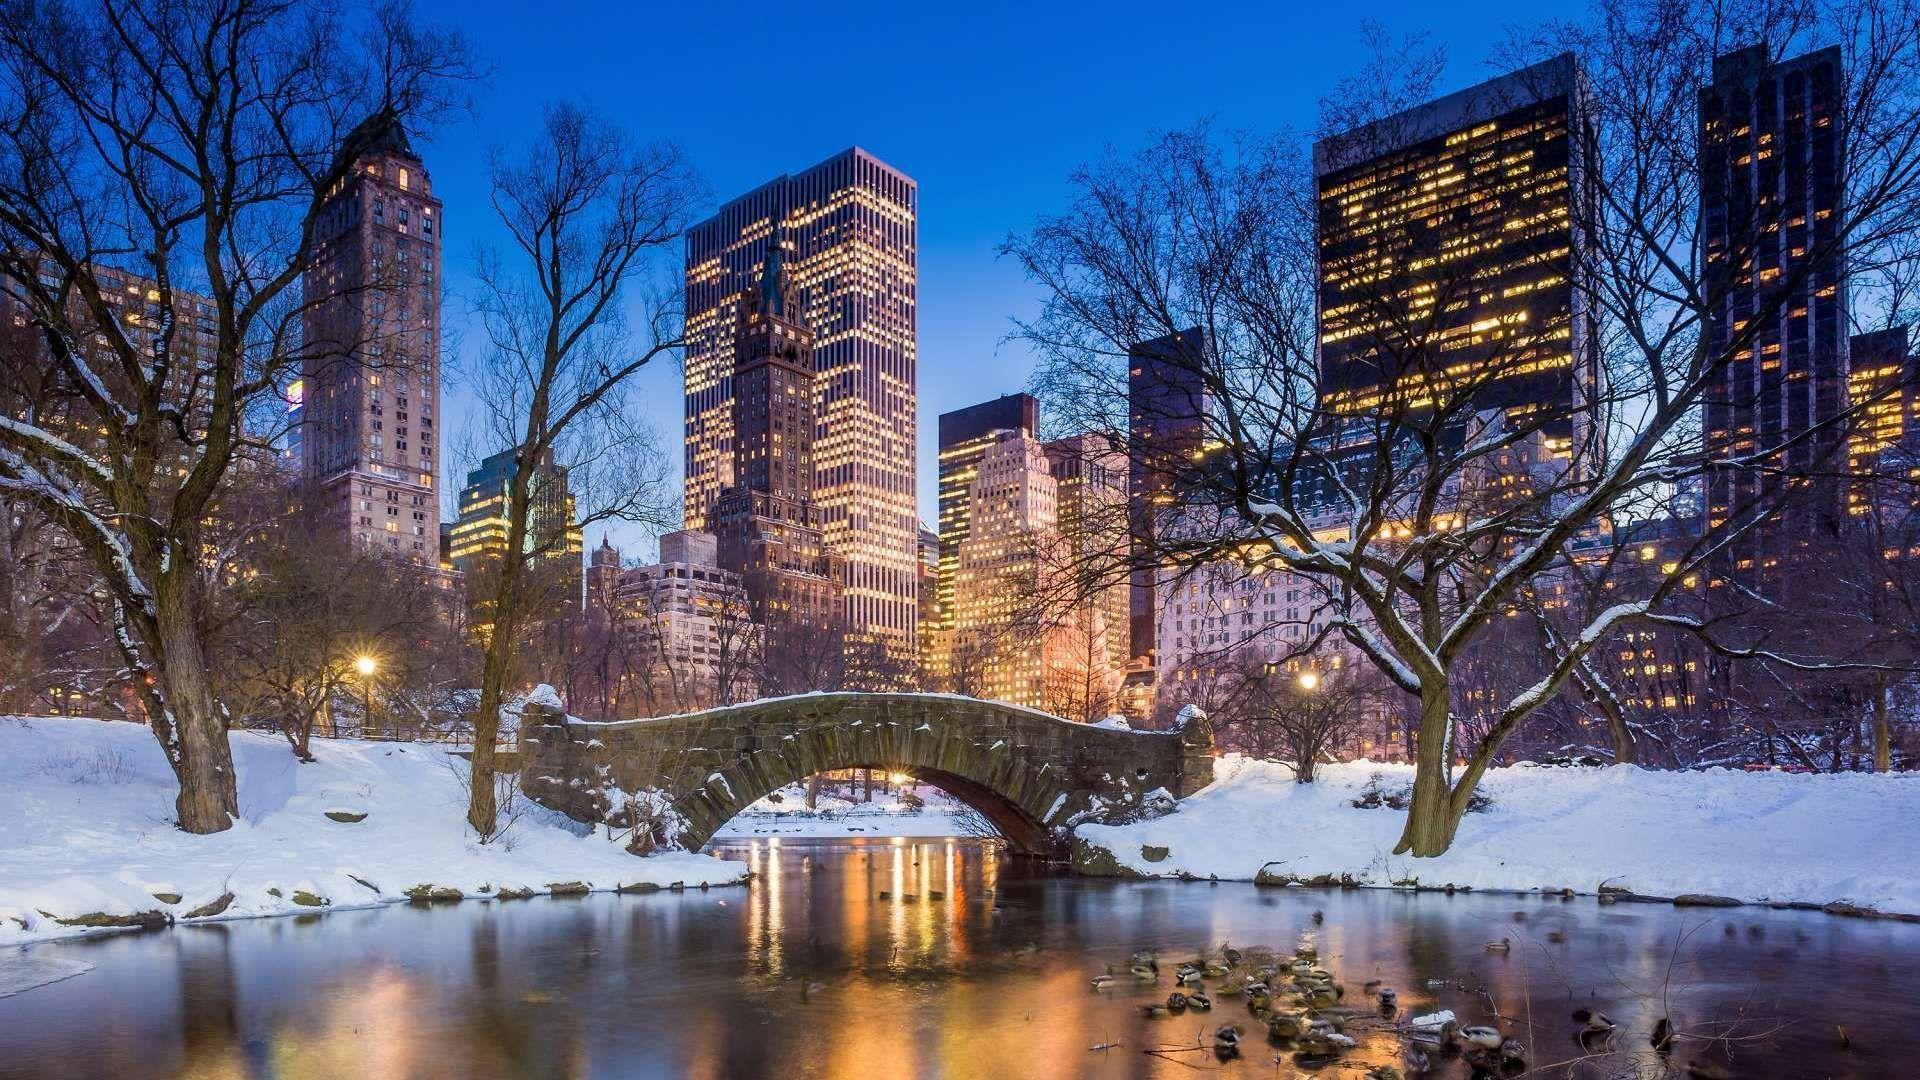 New York For Christmas.New York Christmas Wallpapers Top Free New York Christmas